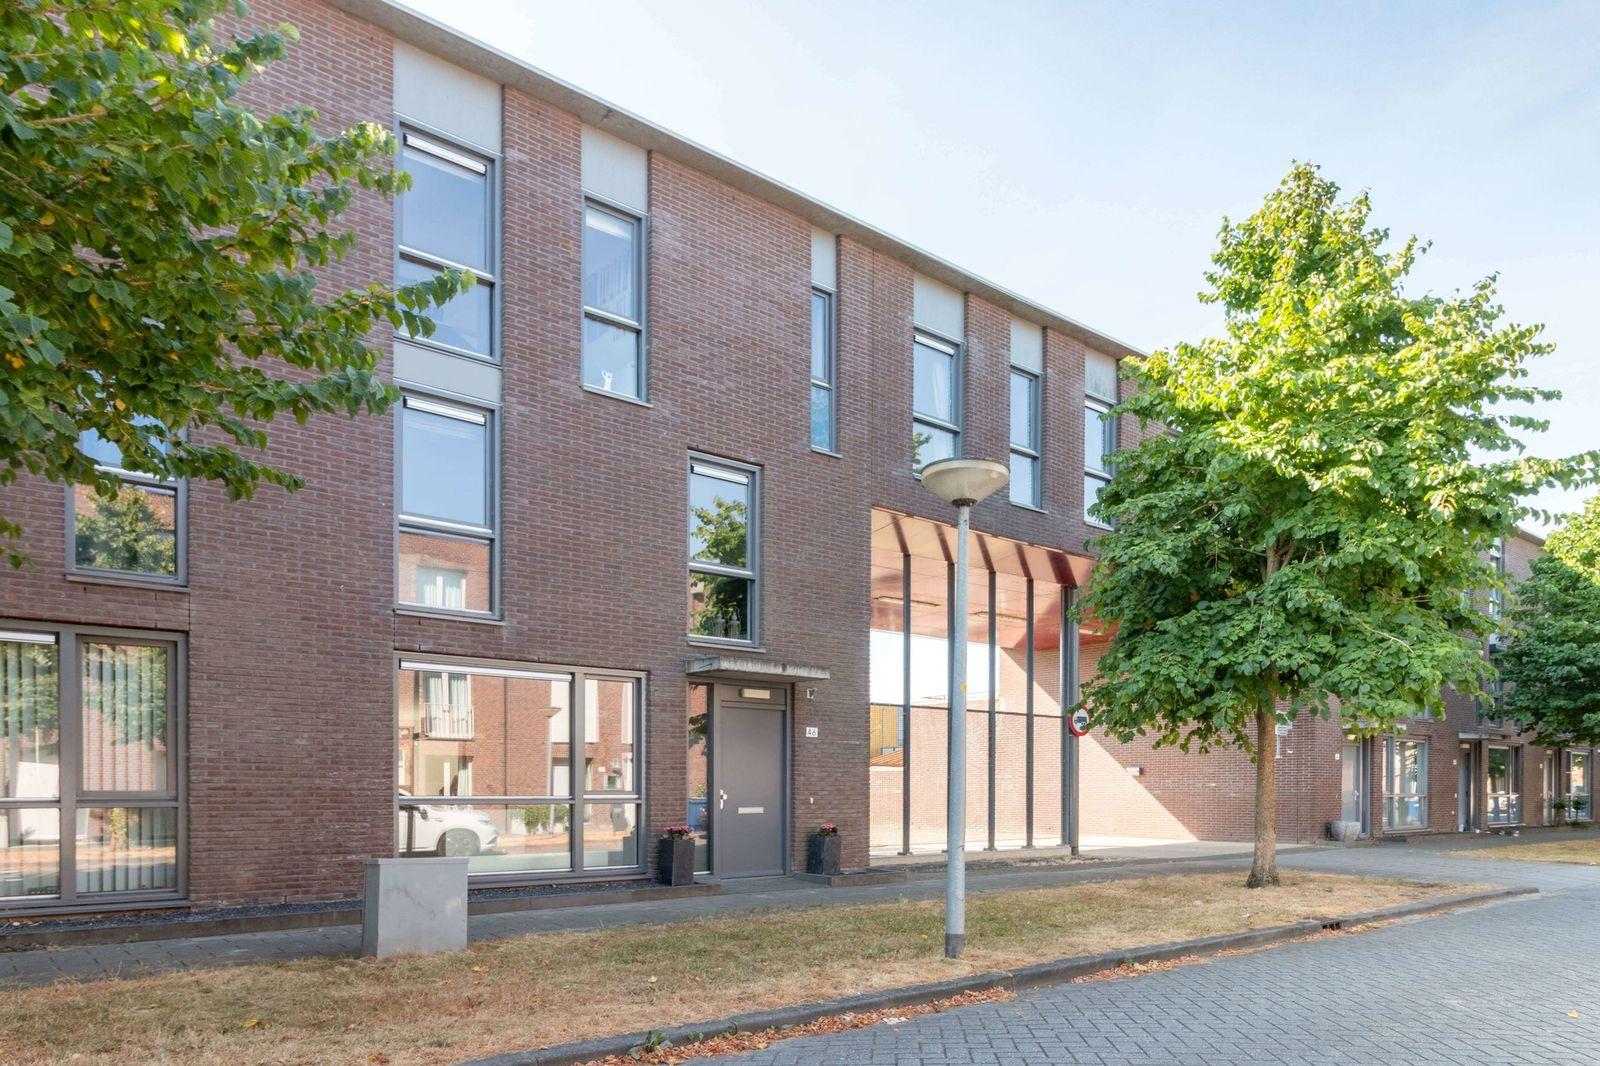 Midzwaard 46, Almere